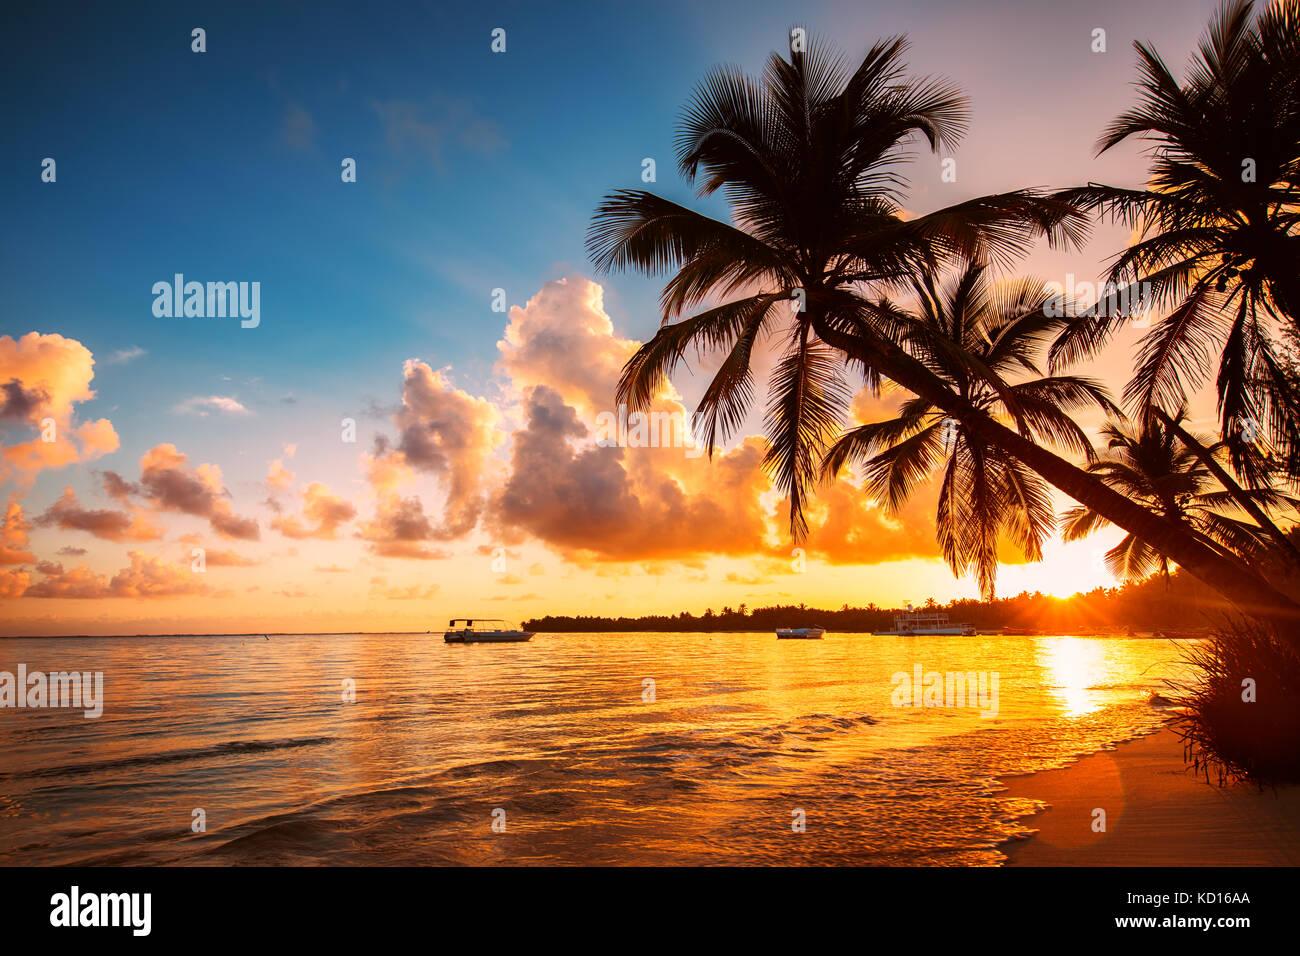 Palmtree sagome sulla spiaggia tropicale, Repubblica dominicana Immagini Stock